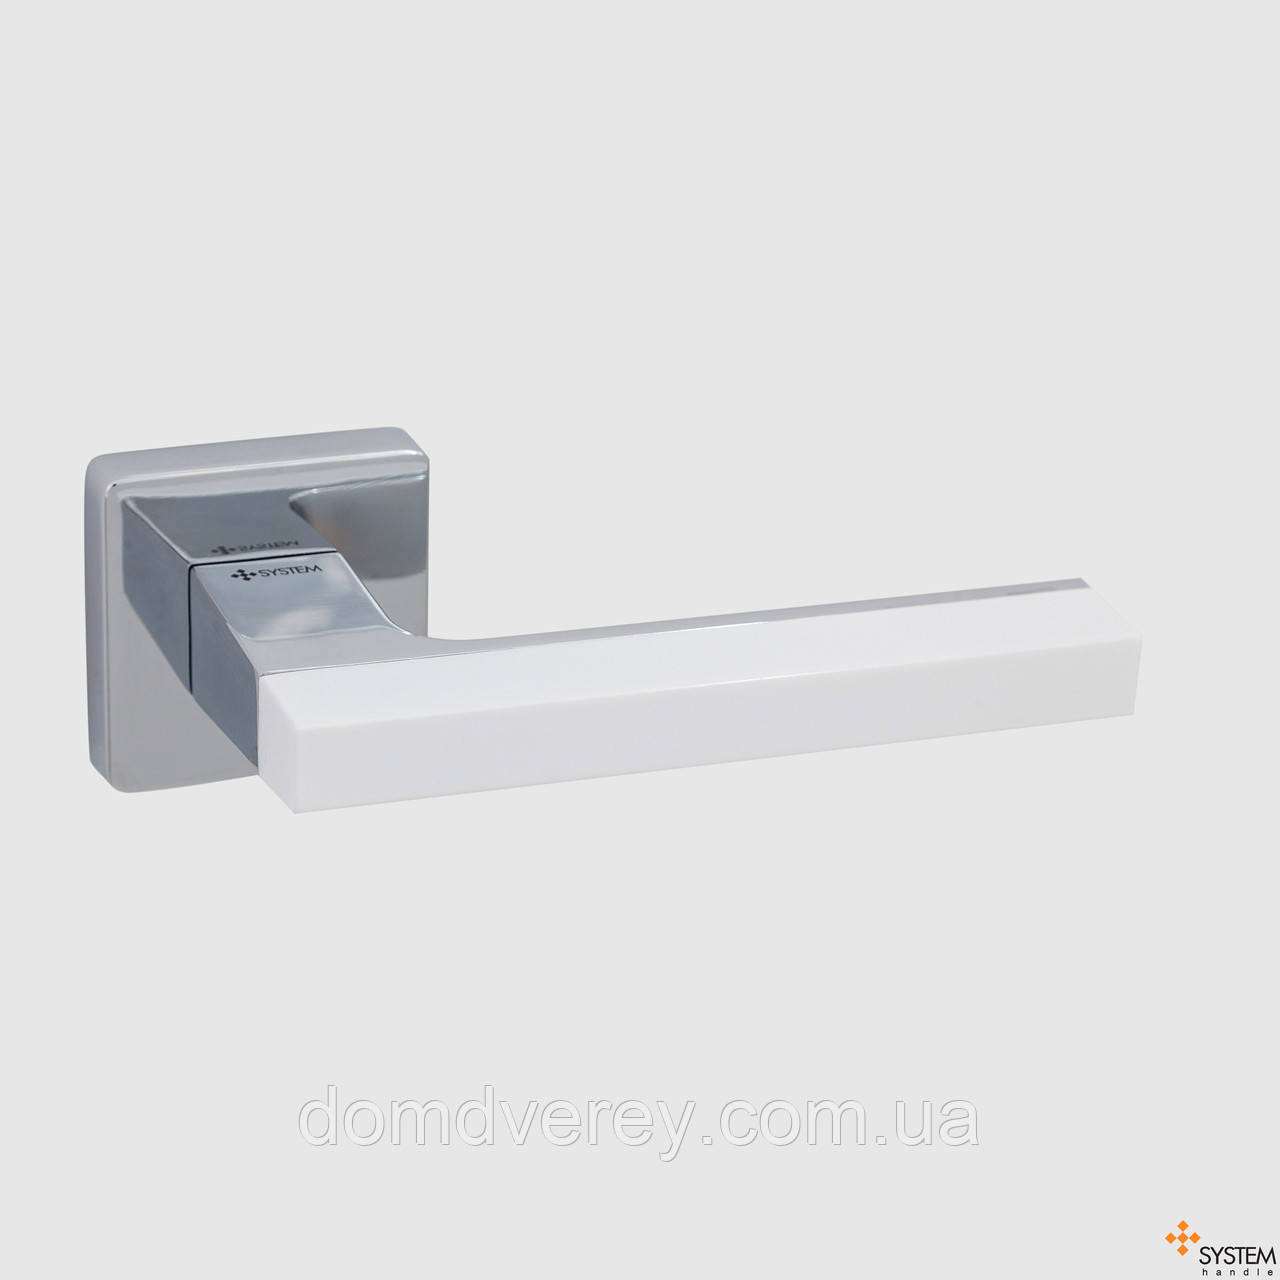 Дверна ручка AZUR HA104 RO11 CR-CR-AL7